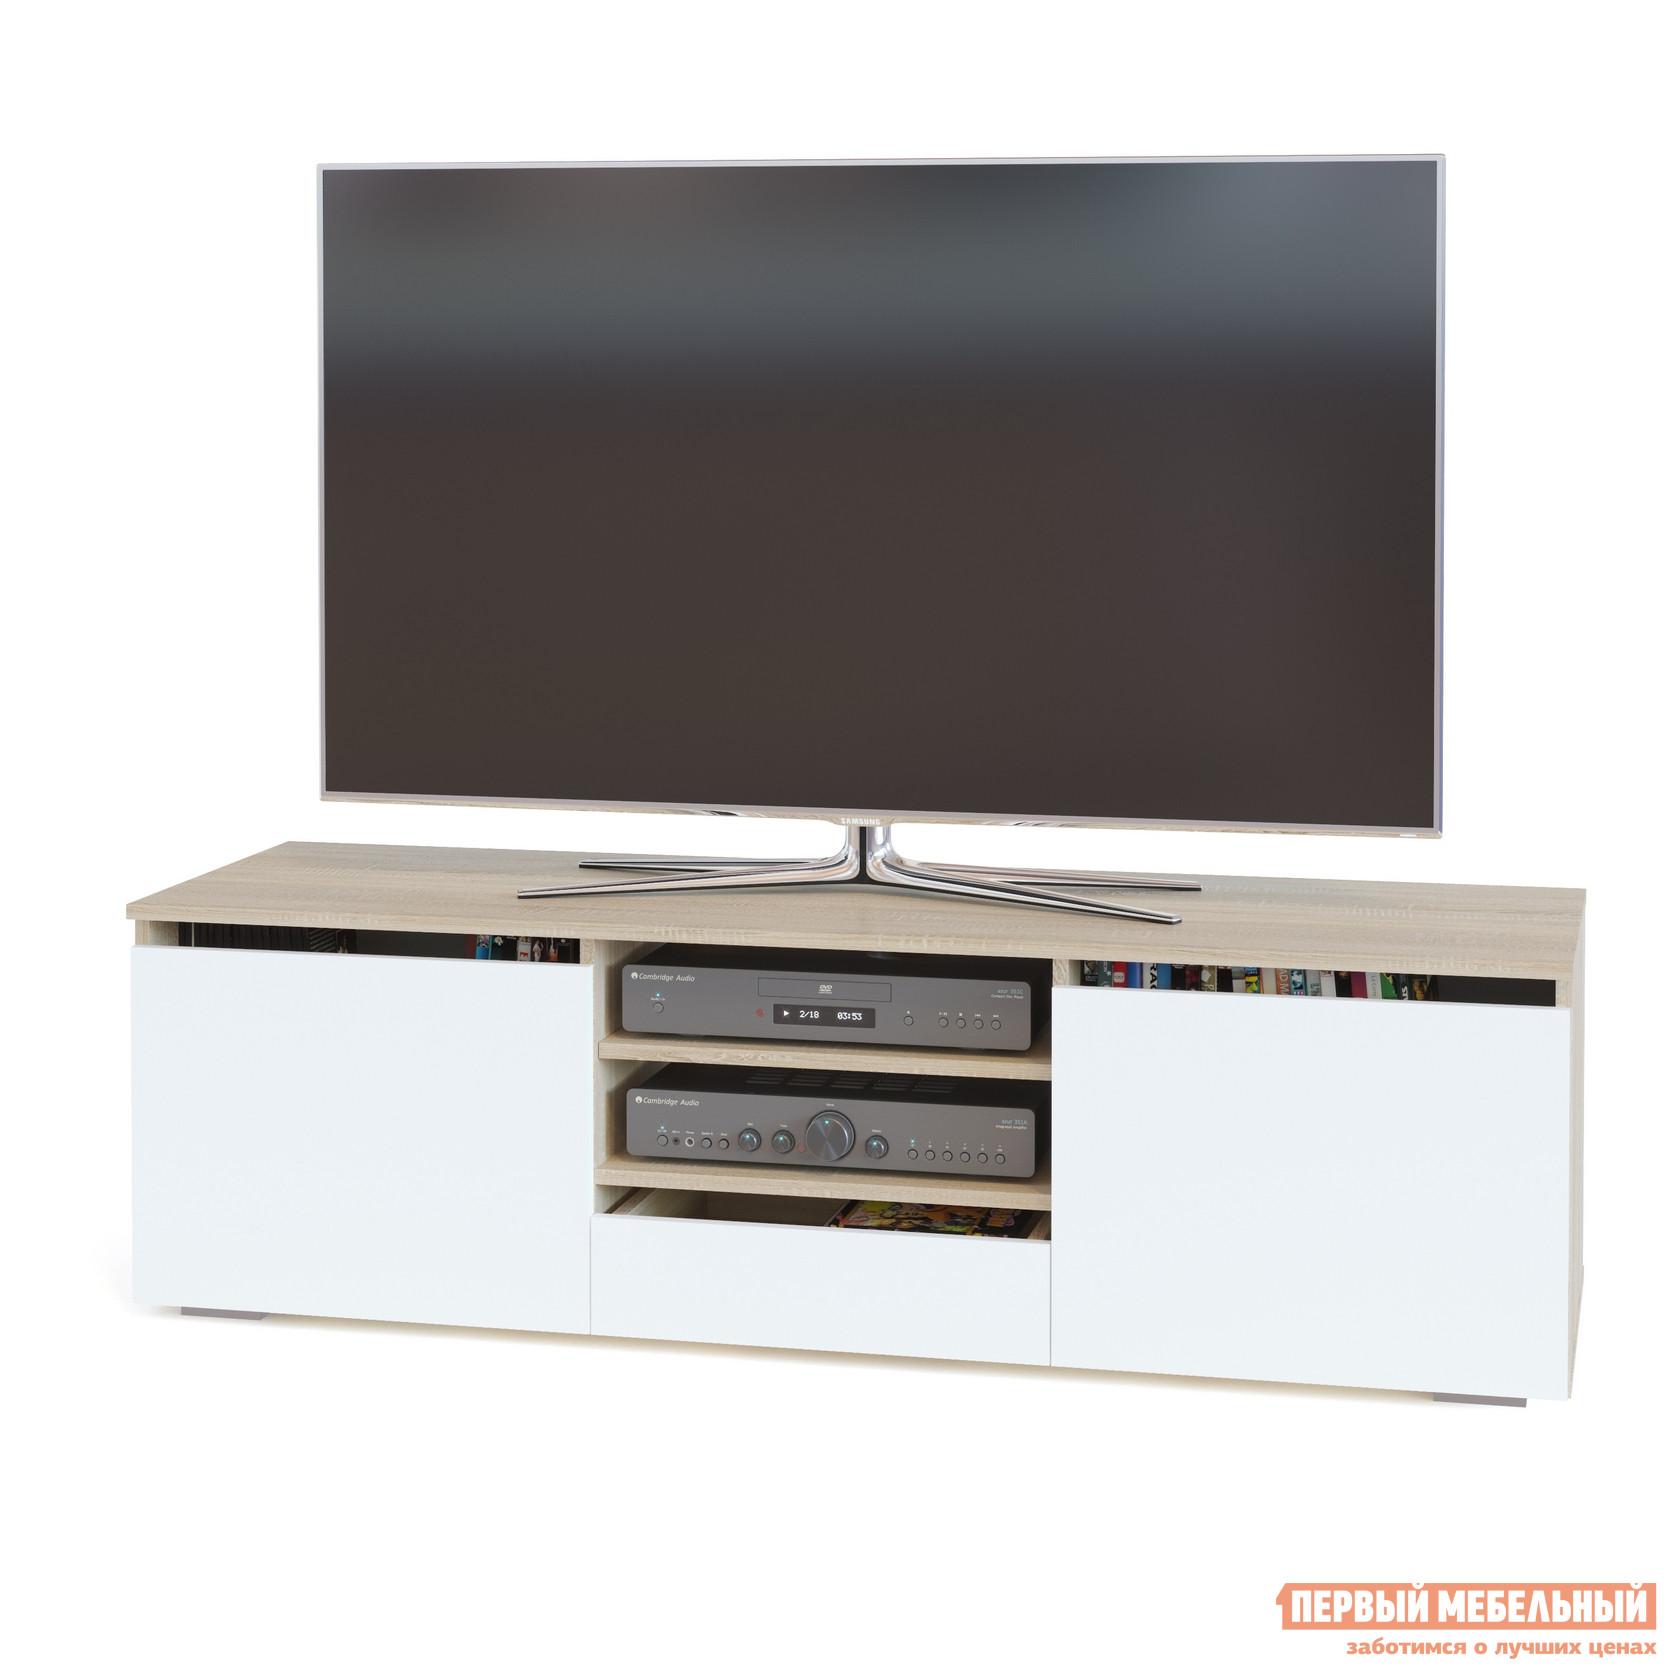 ТВ-тумба Тайга СТМ-300 Корпус Дуб Сонома / Фасад Белый